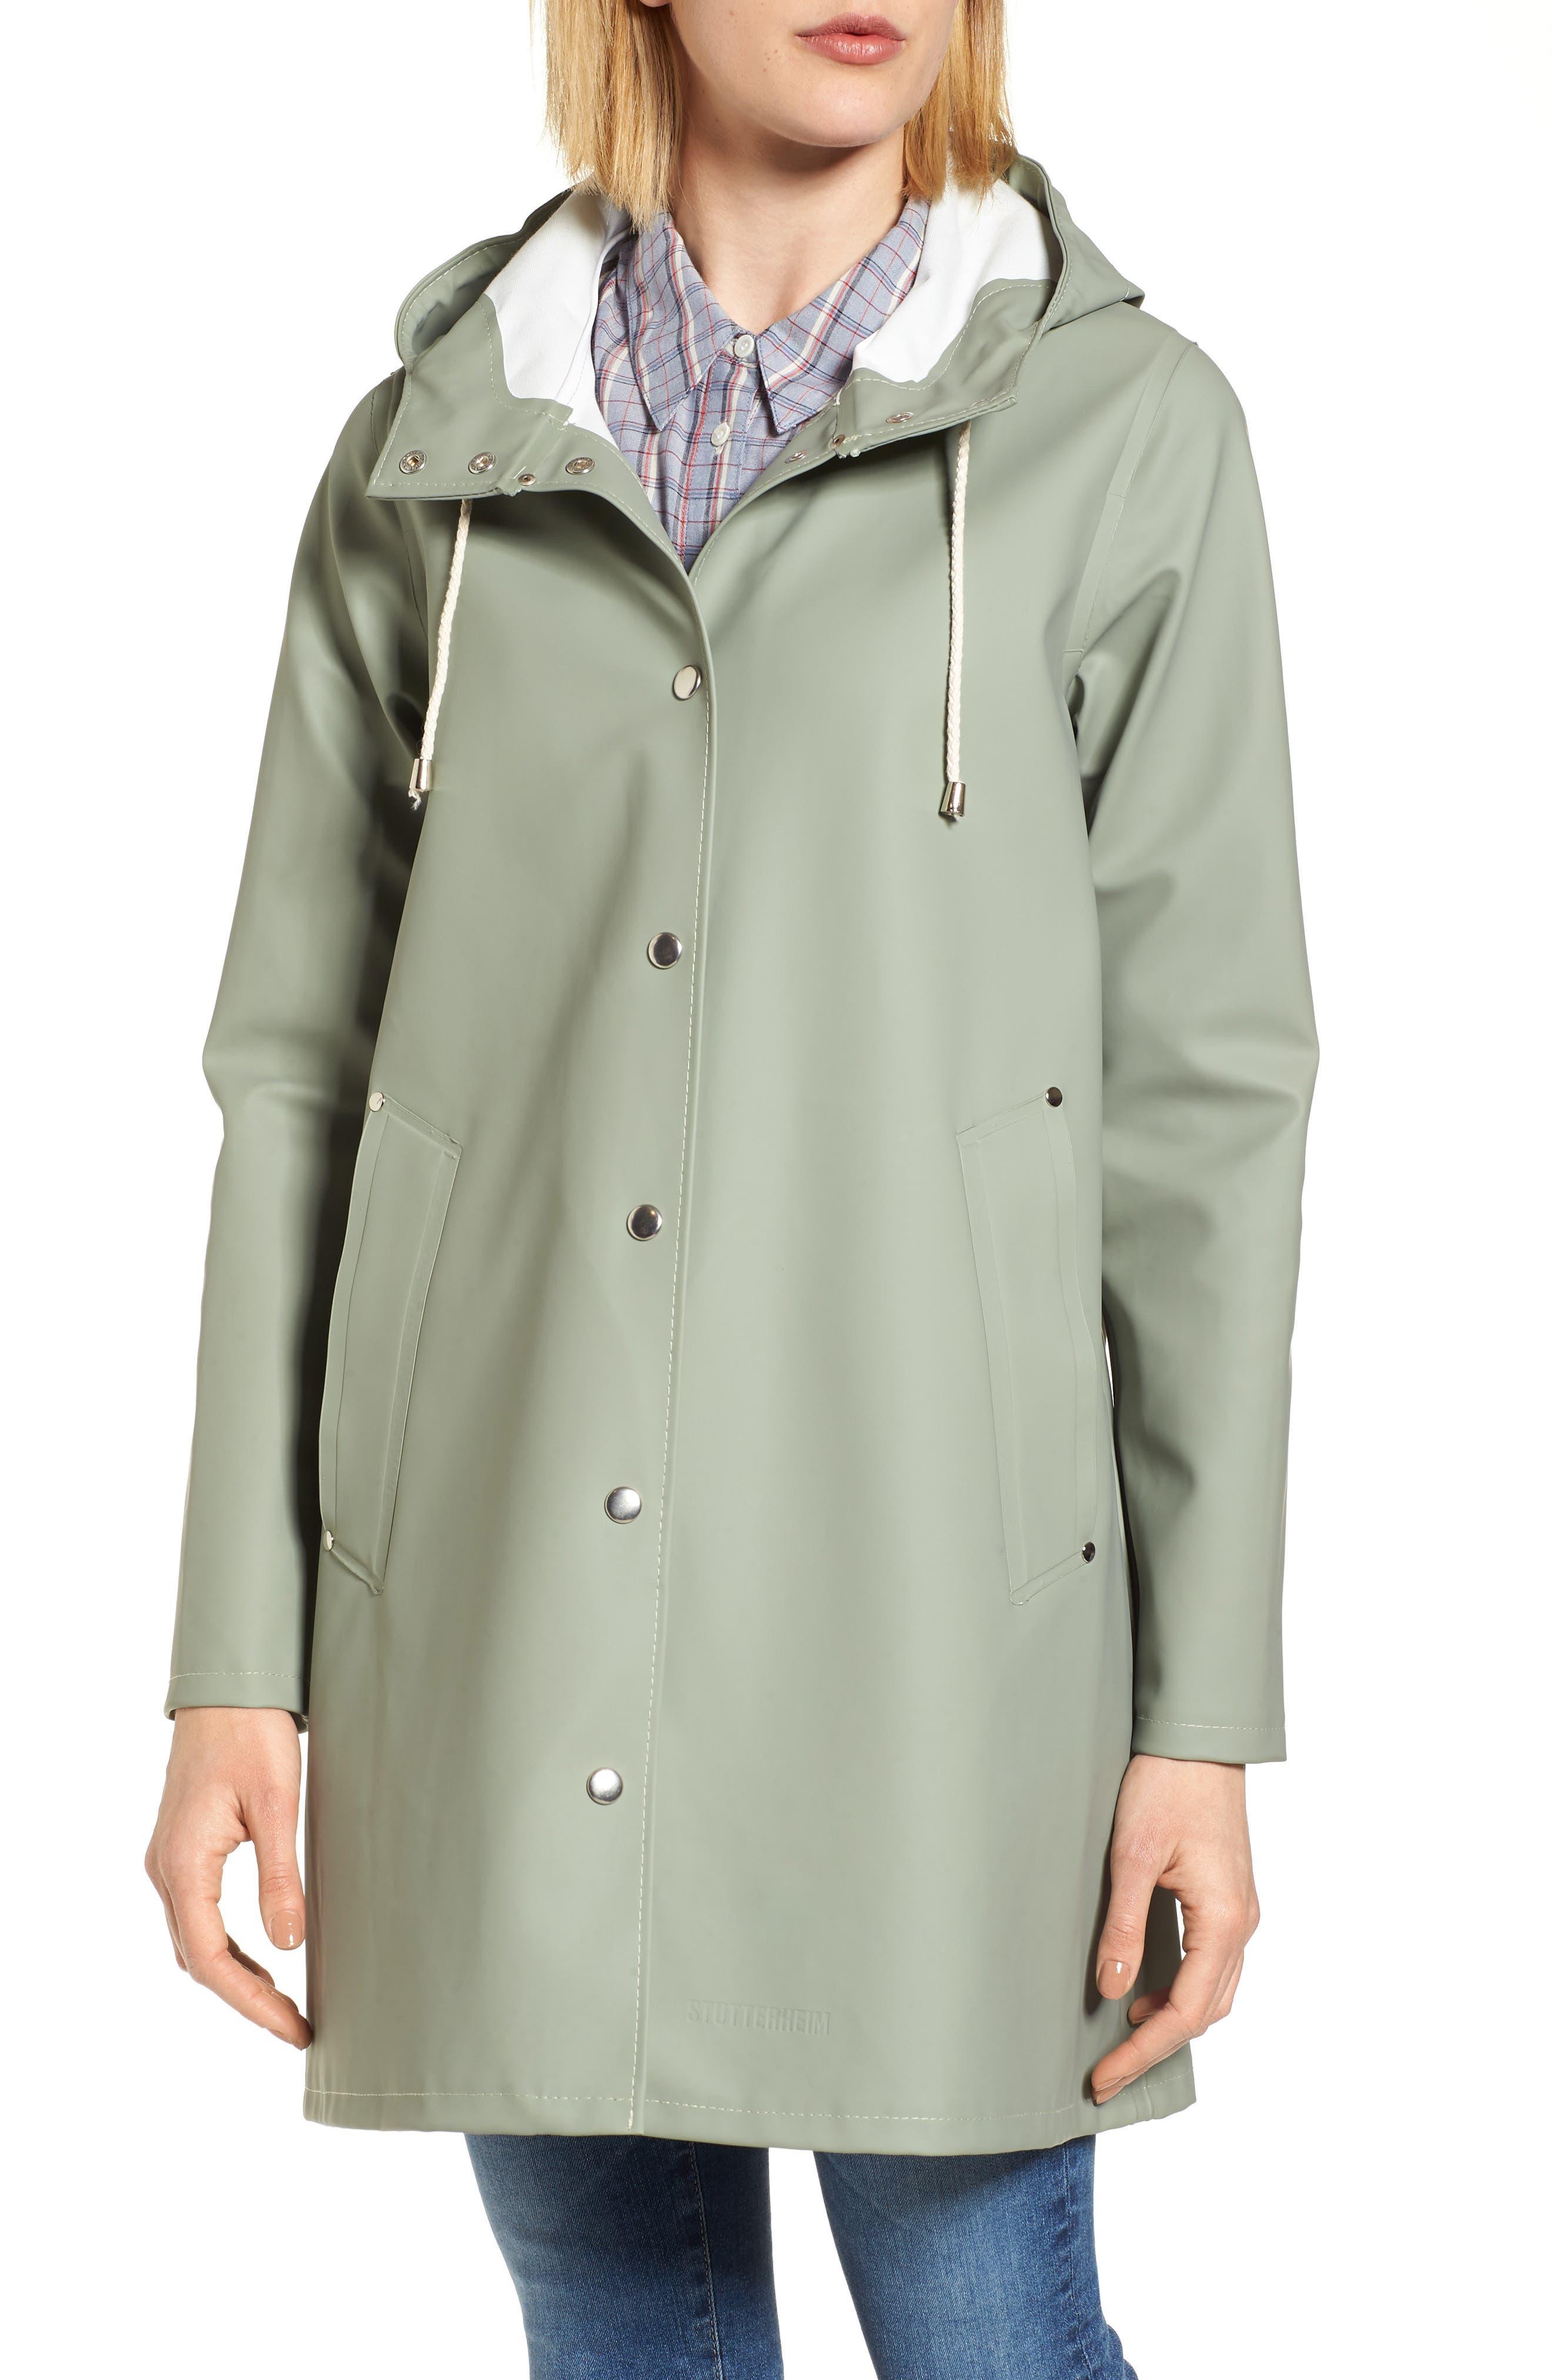 Mosebacke Waterproof A-Line Hooded Raincoat,                             Alternate thumbnail 4, color,                             Khaki Green